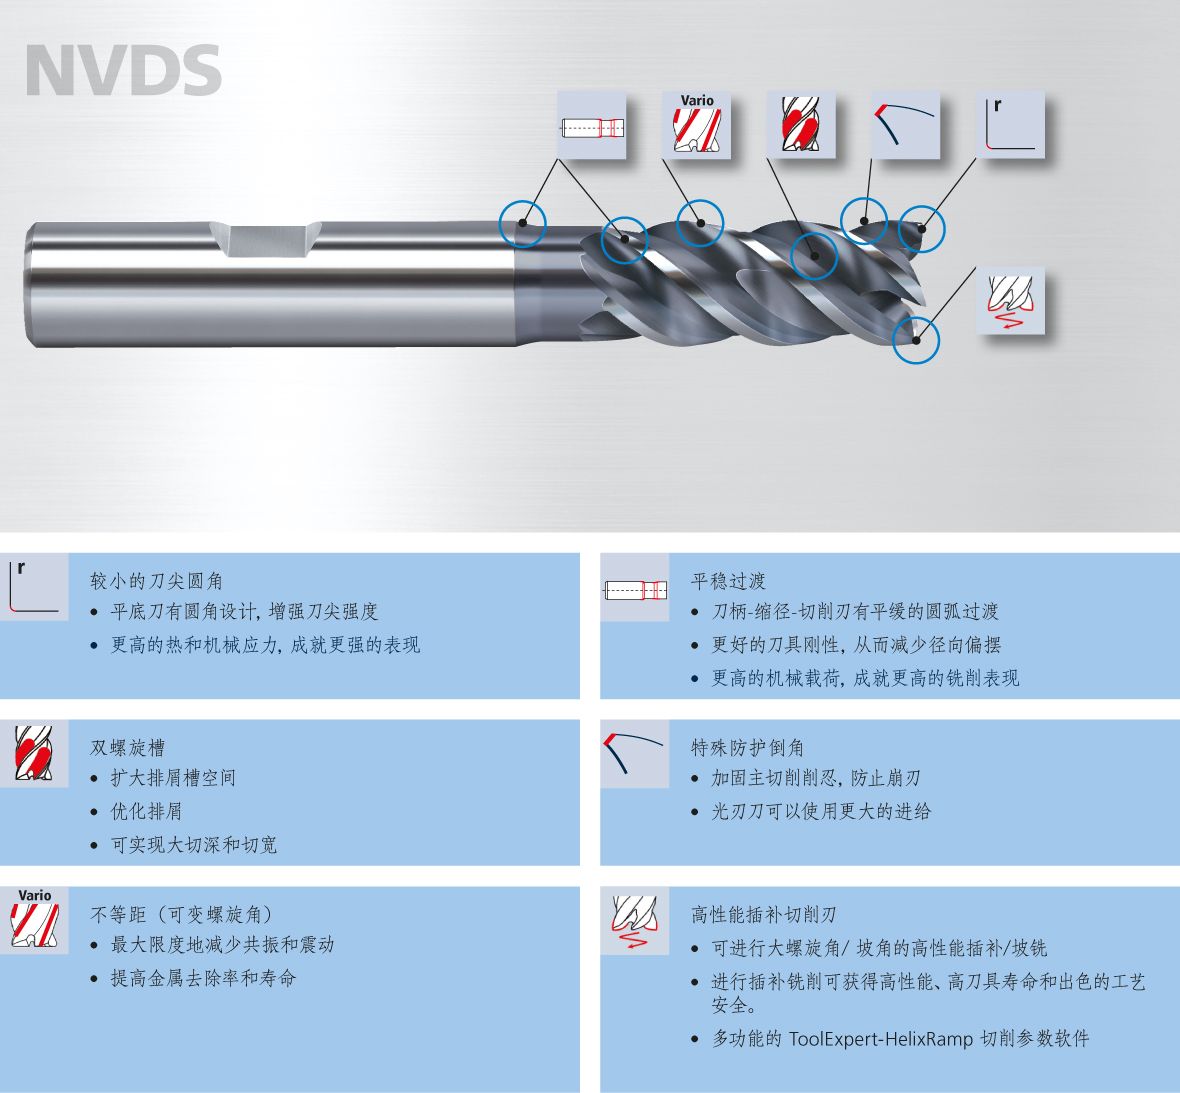 nvds-cn